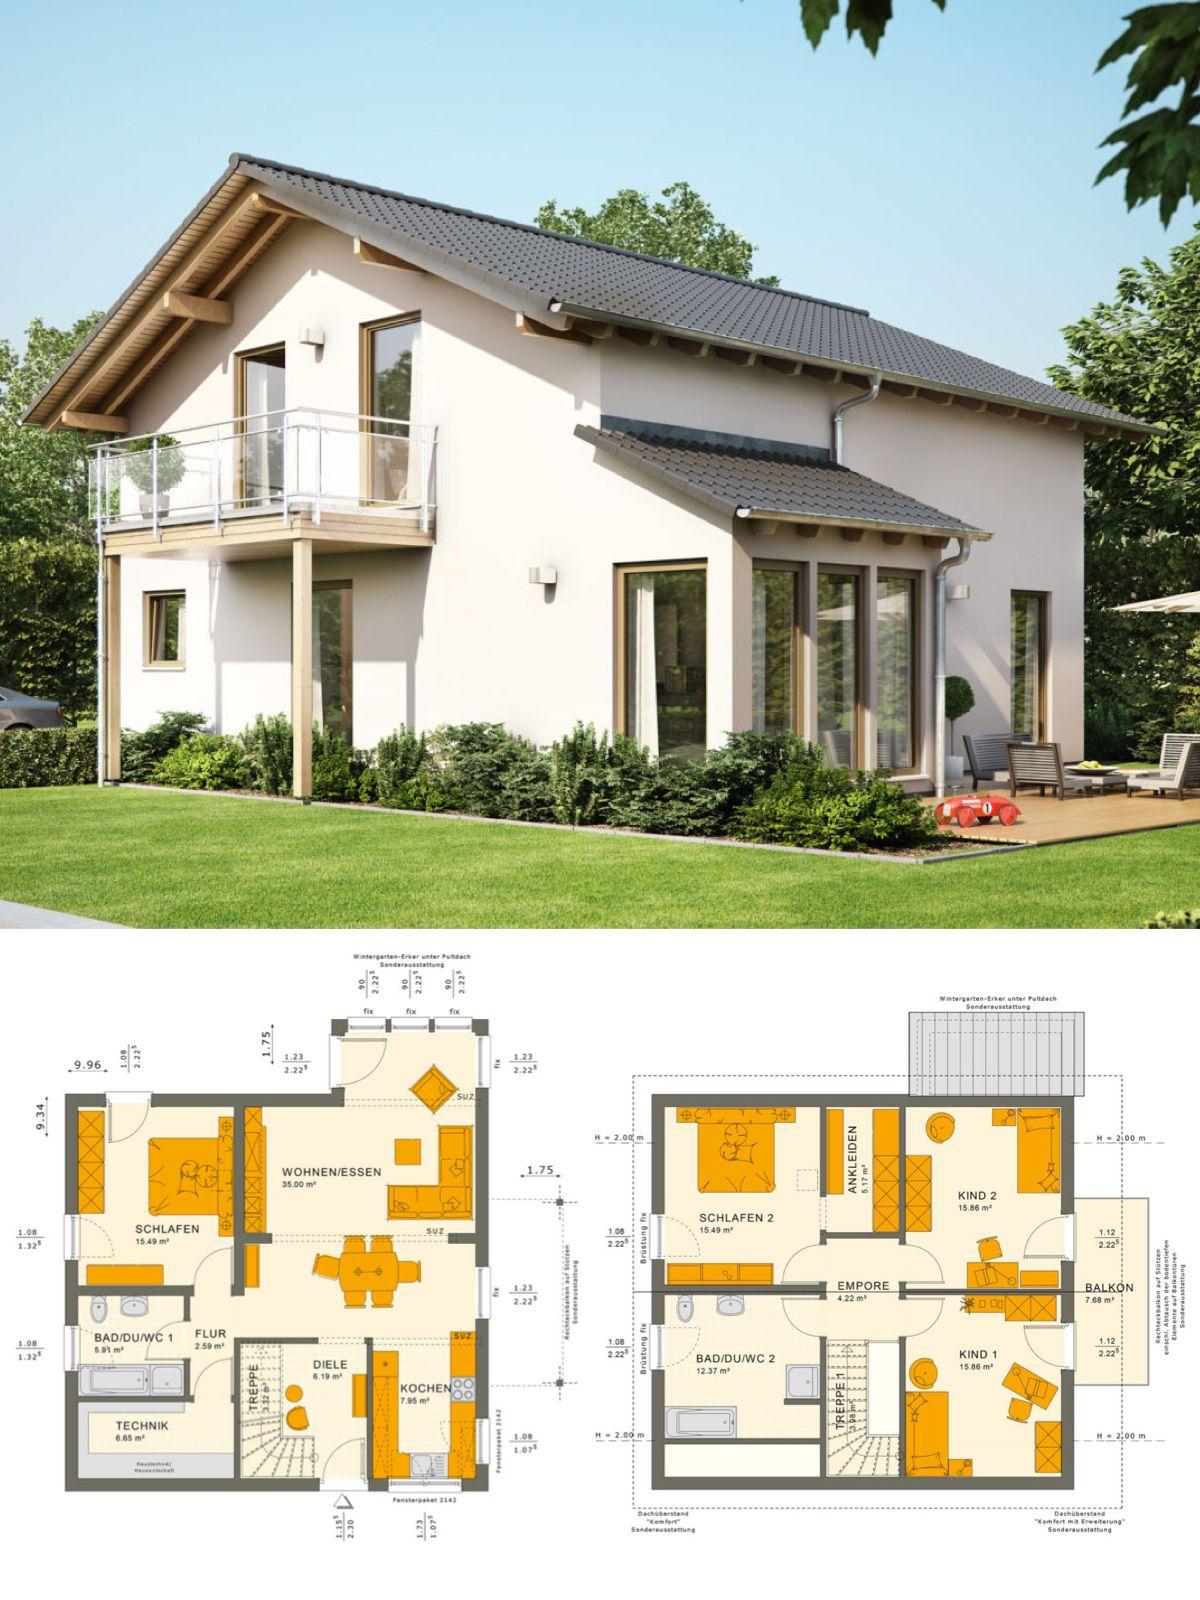 Attraktiv Einfamilienhaus Satteldach Referenz Von Klassische Architektur Mit & Wintergarten Anbau -